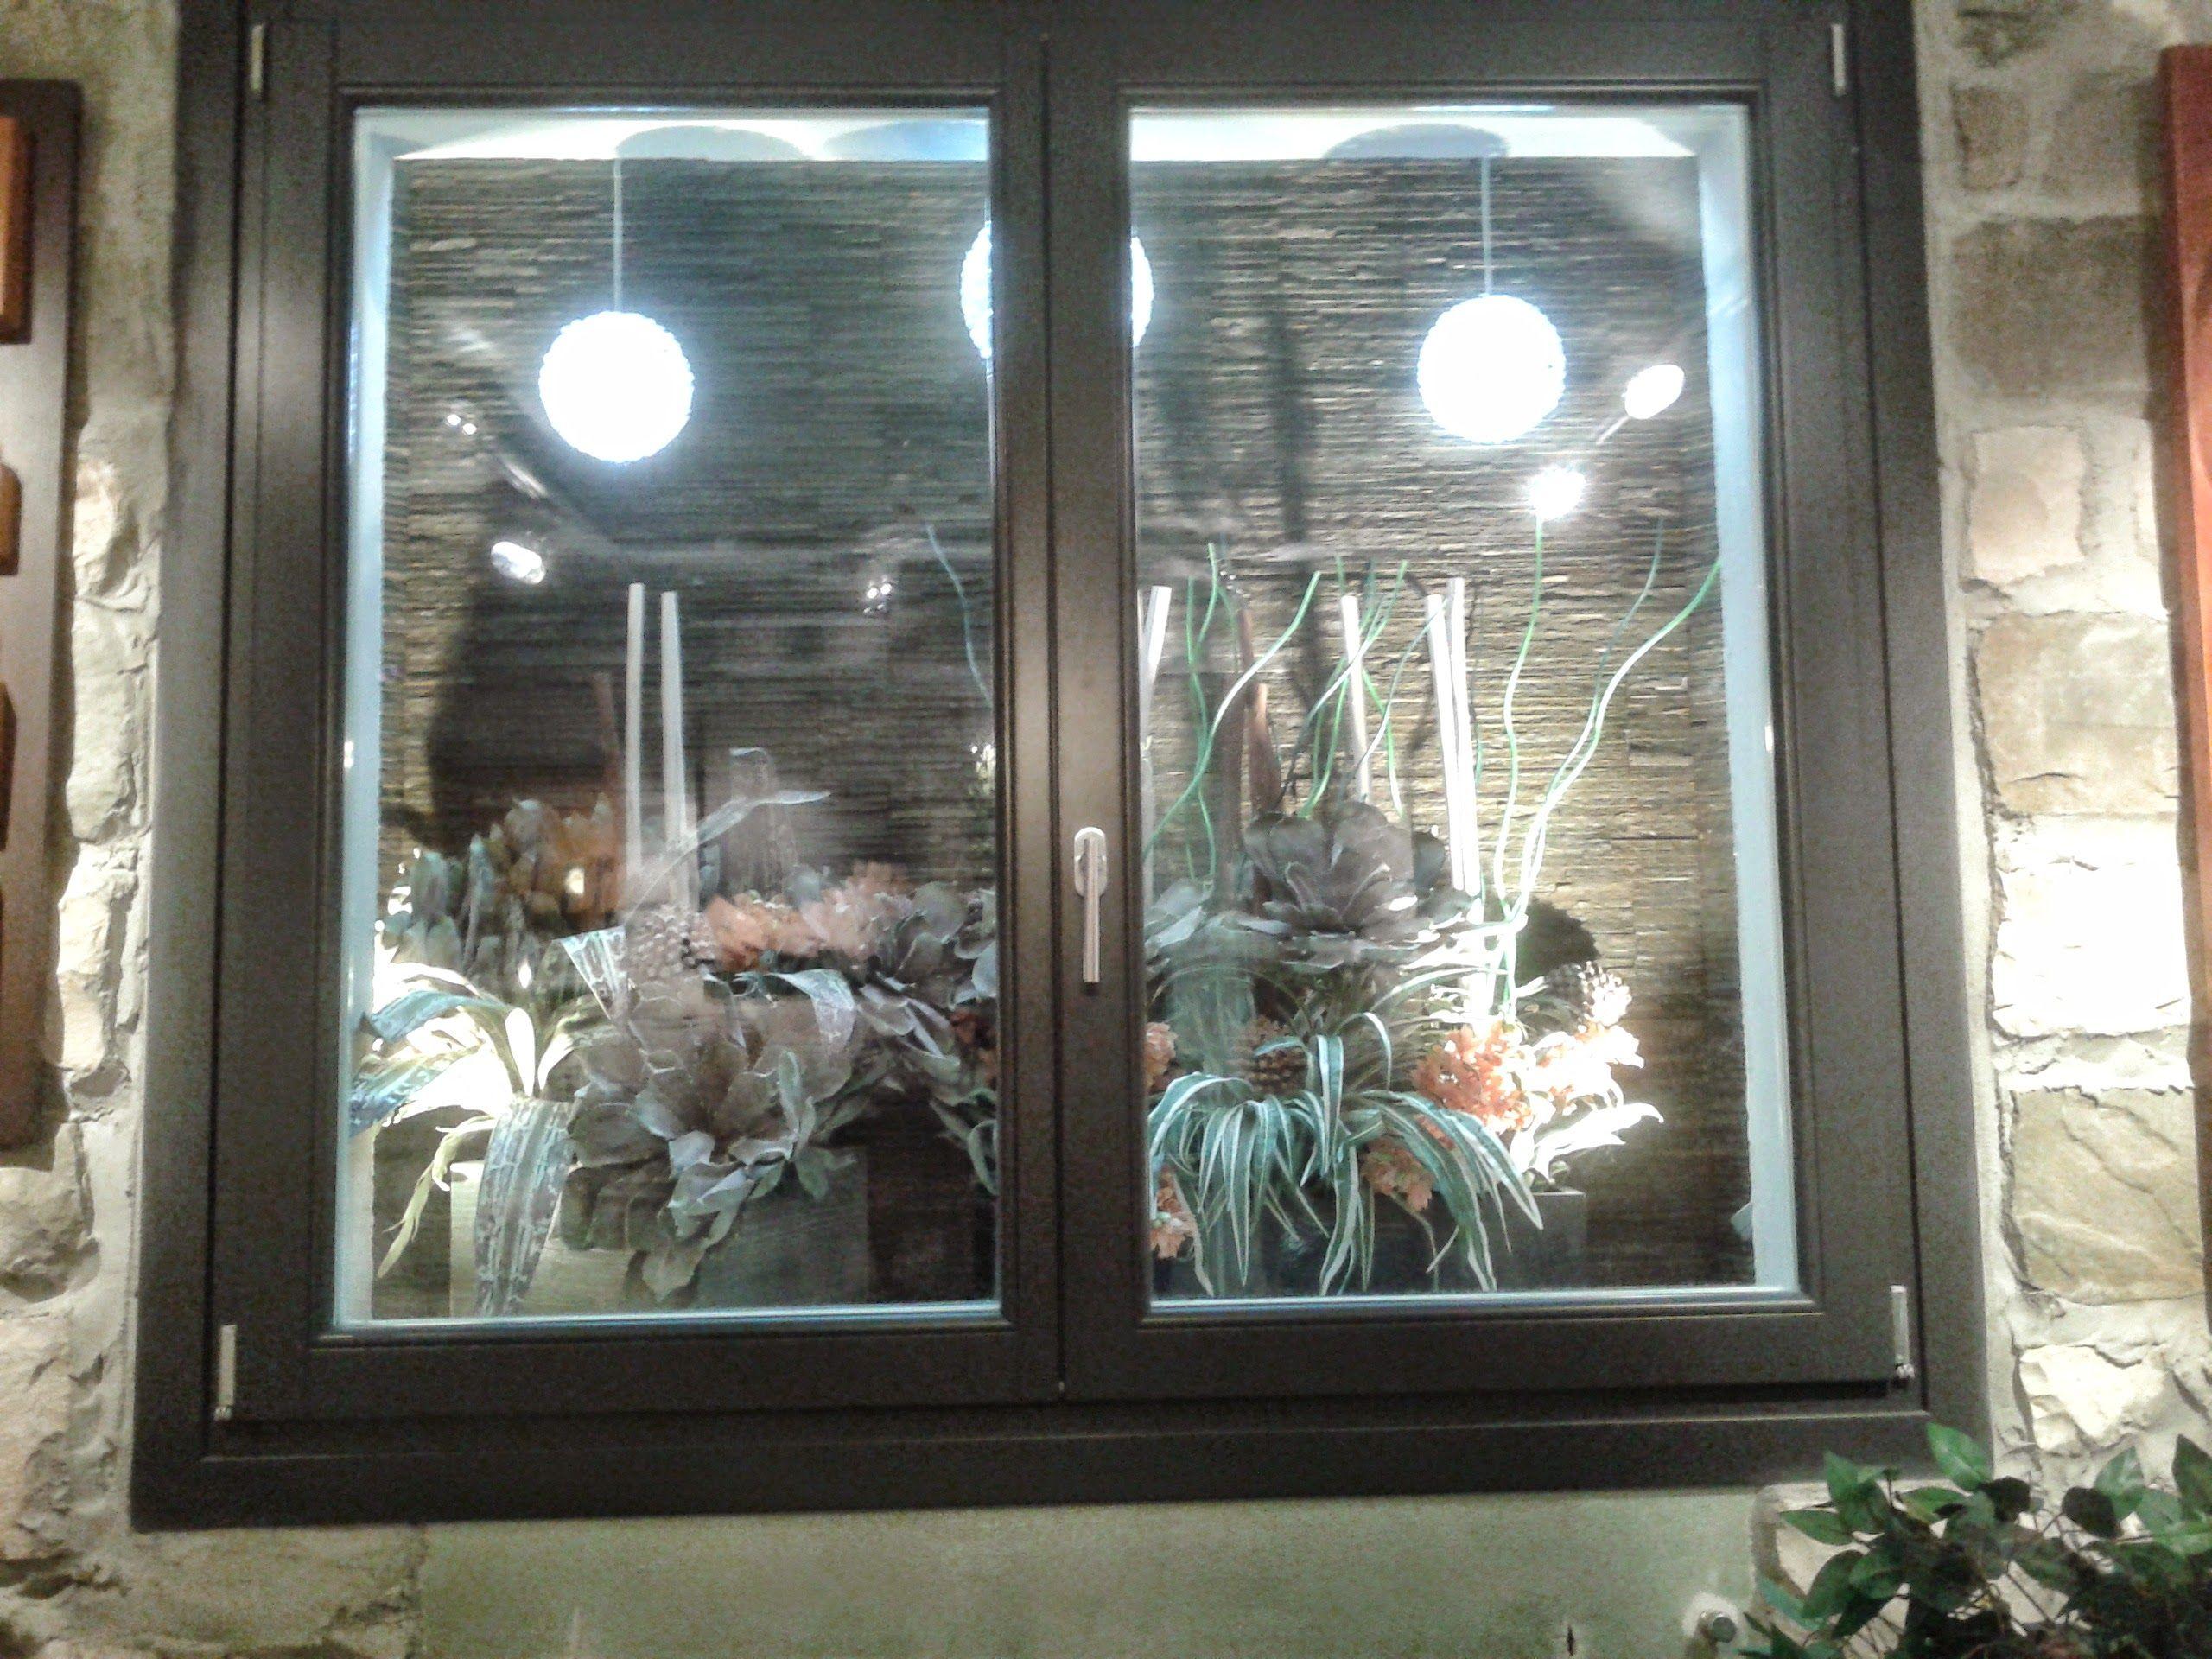 Una particolare bocca di lupo illuminazione led windows - Finestre a bocca di lupo ...